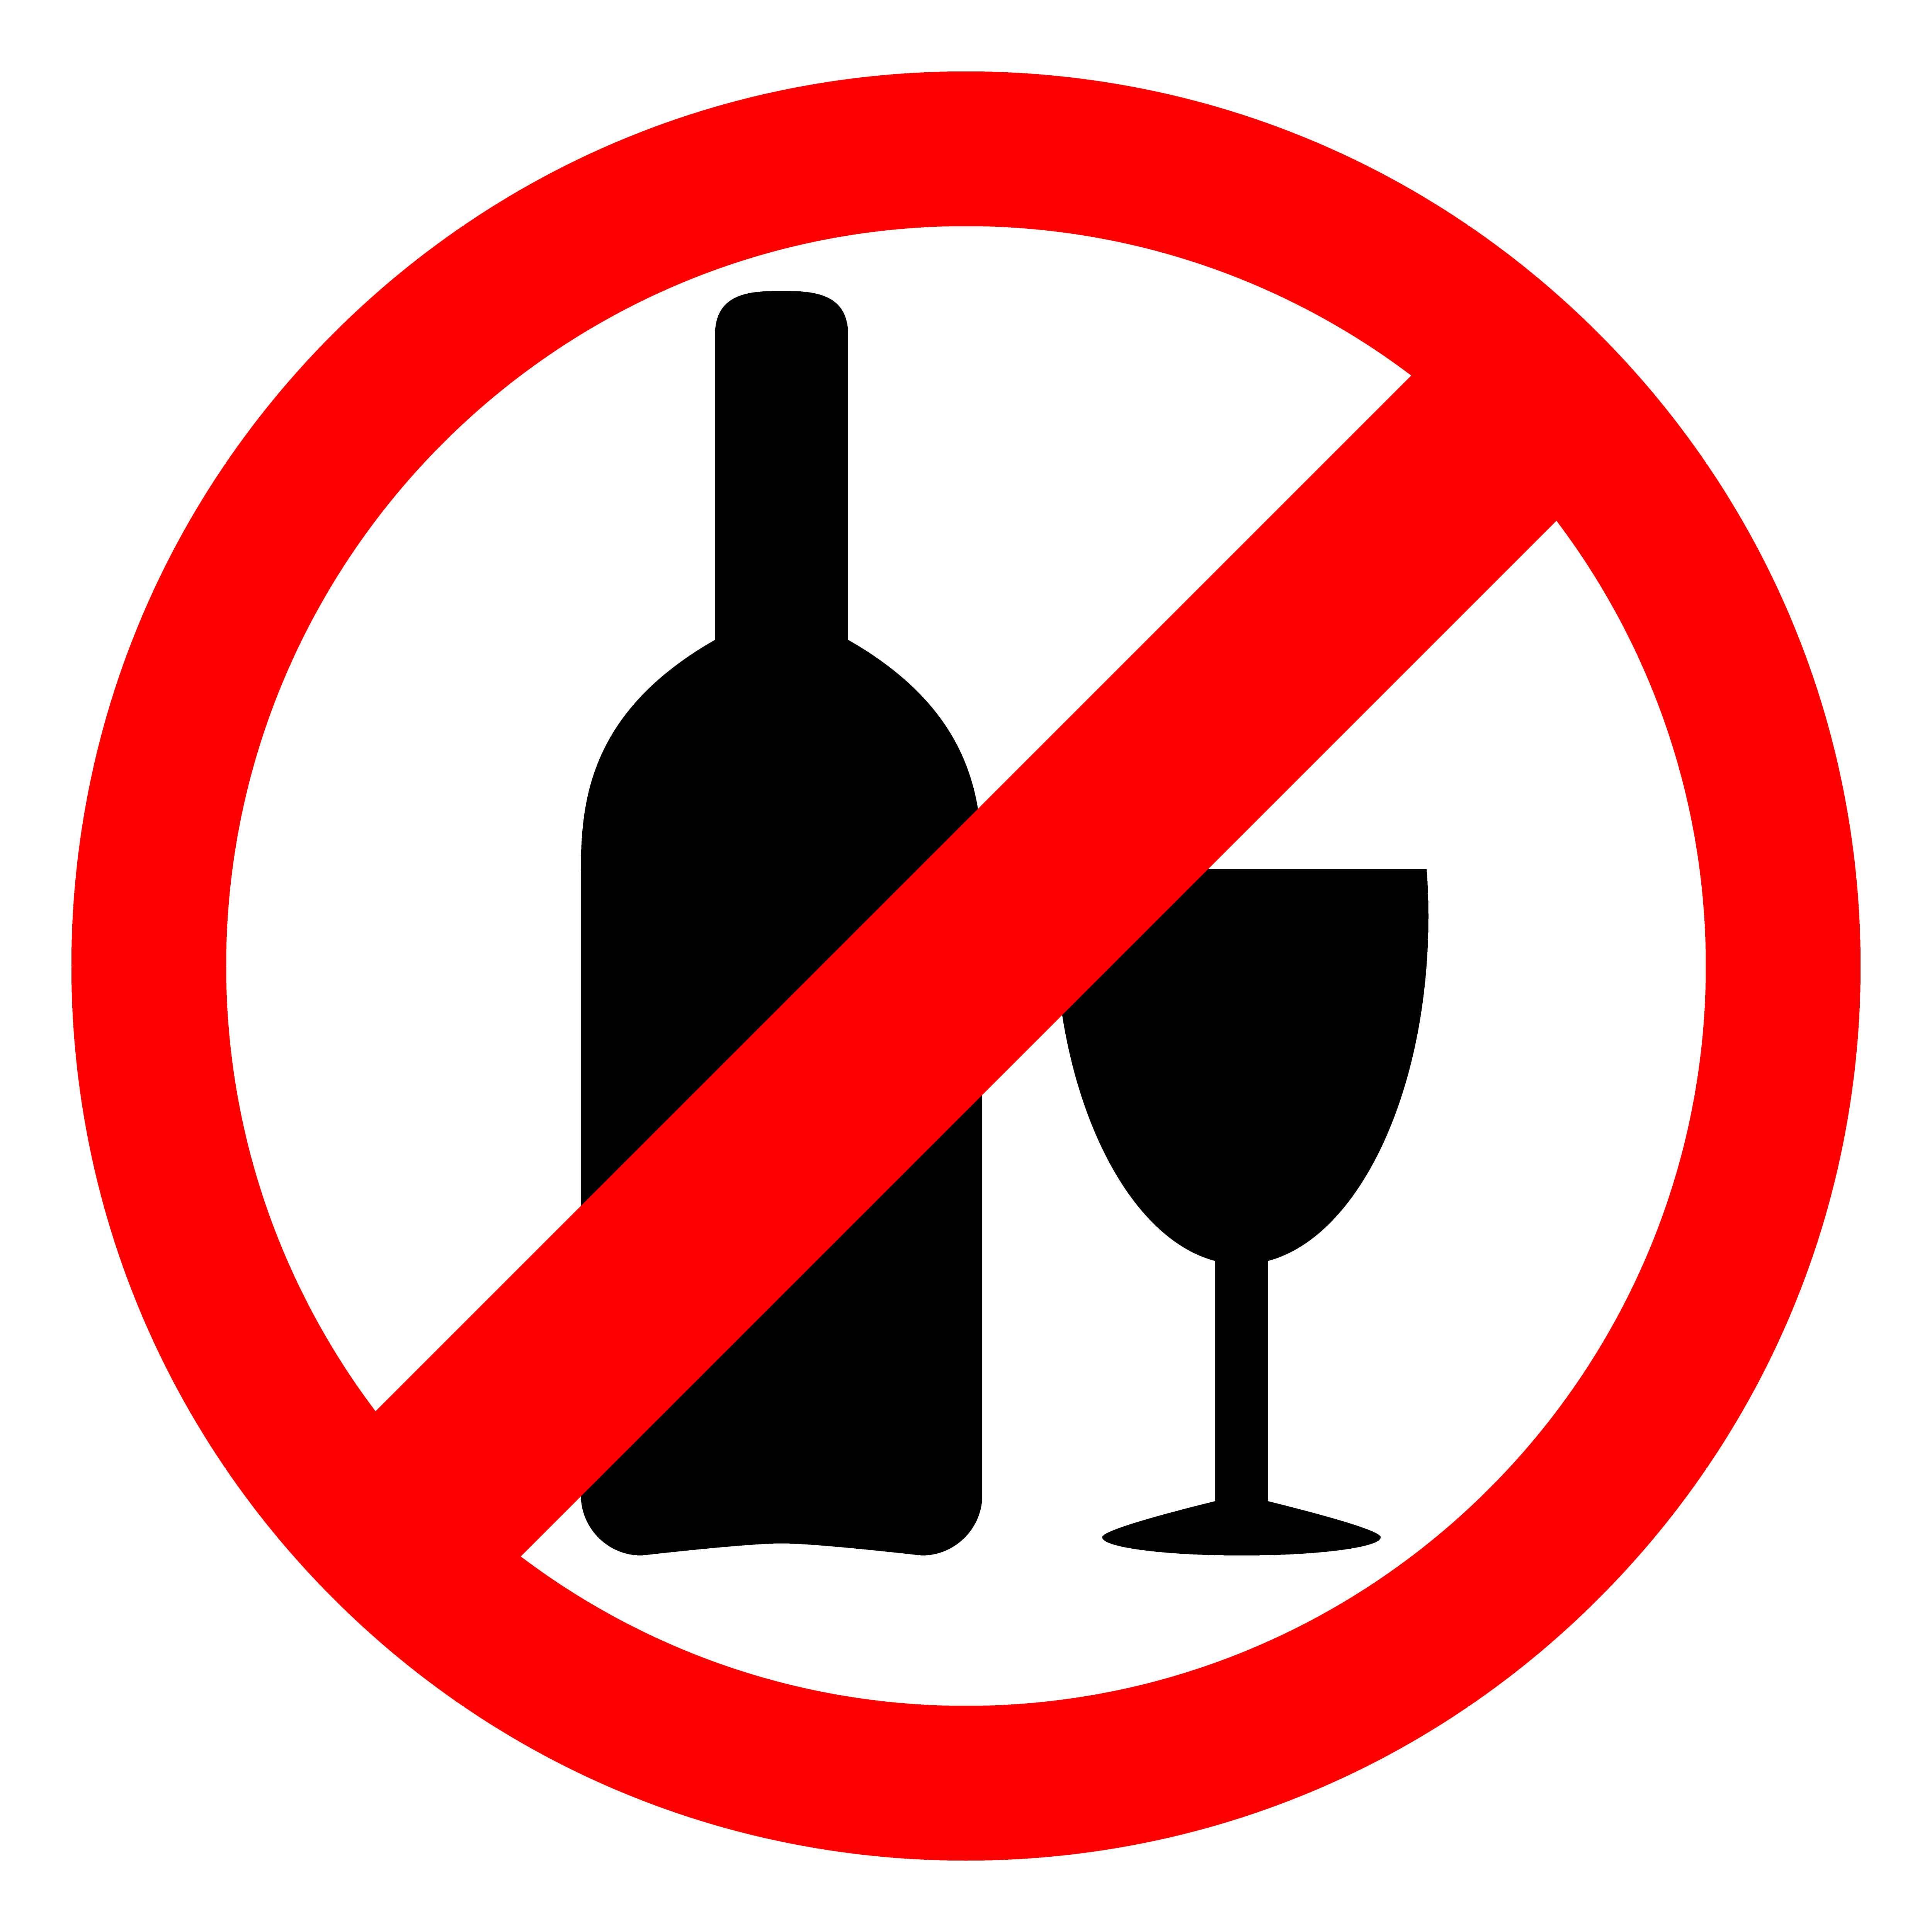 Kein Alkoholzeichen. Alkohol trinken ist verboten